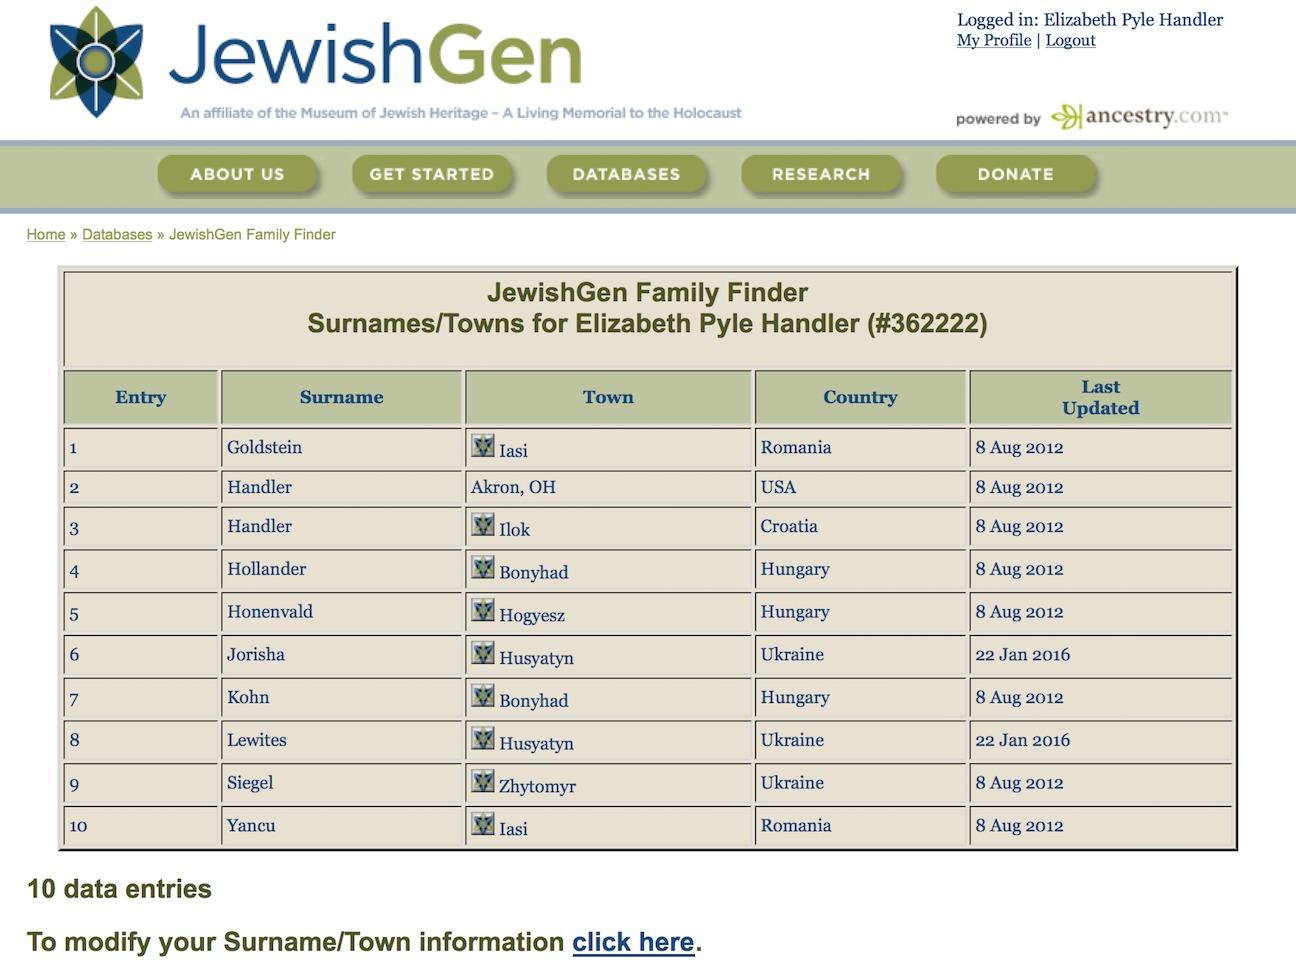 A Jewish Genealogy Journey: Researching Jewish Ancestors